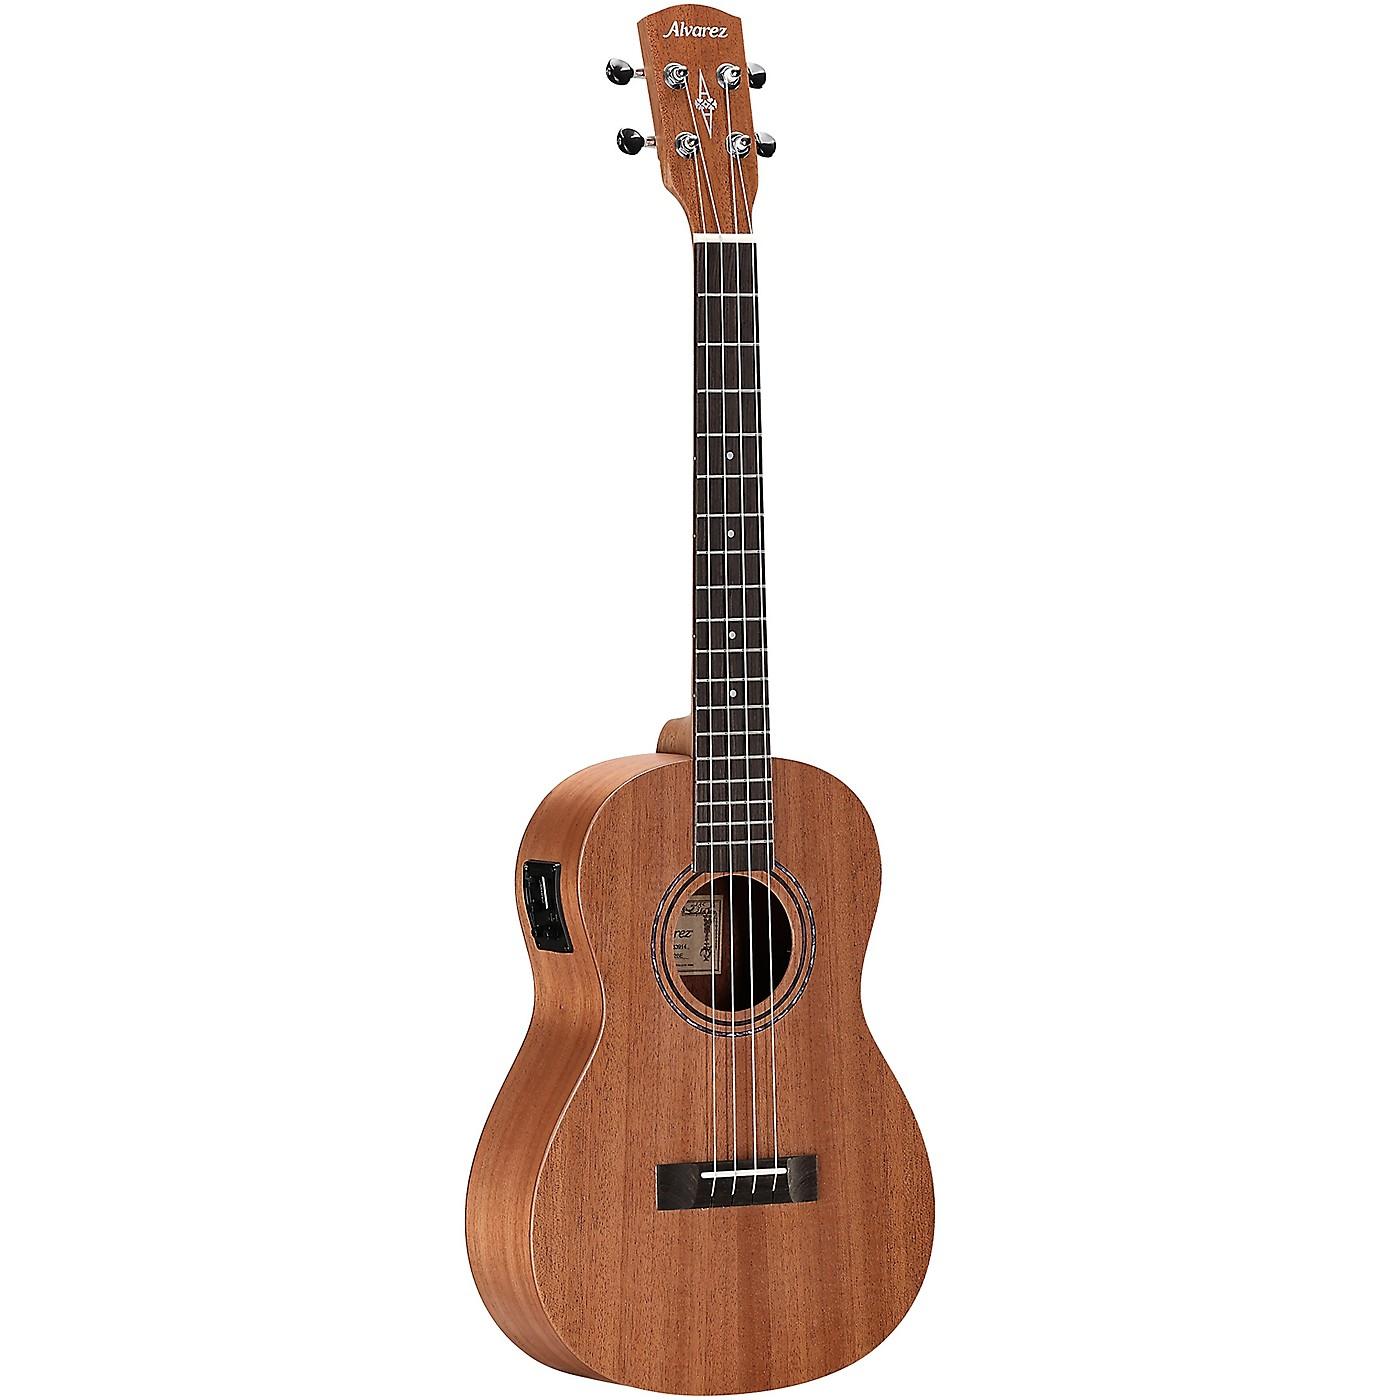 Alvarez Regent Baritone Acoustic-Electric Ukulele thumbnail